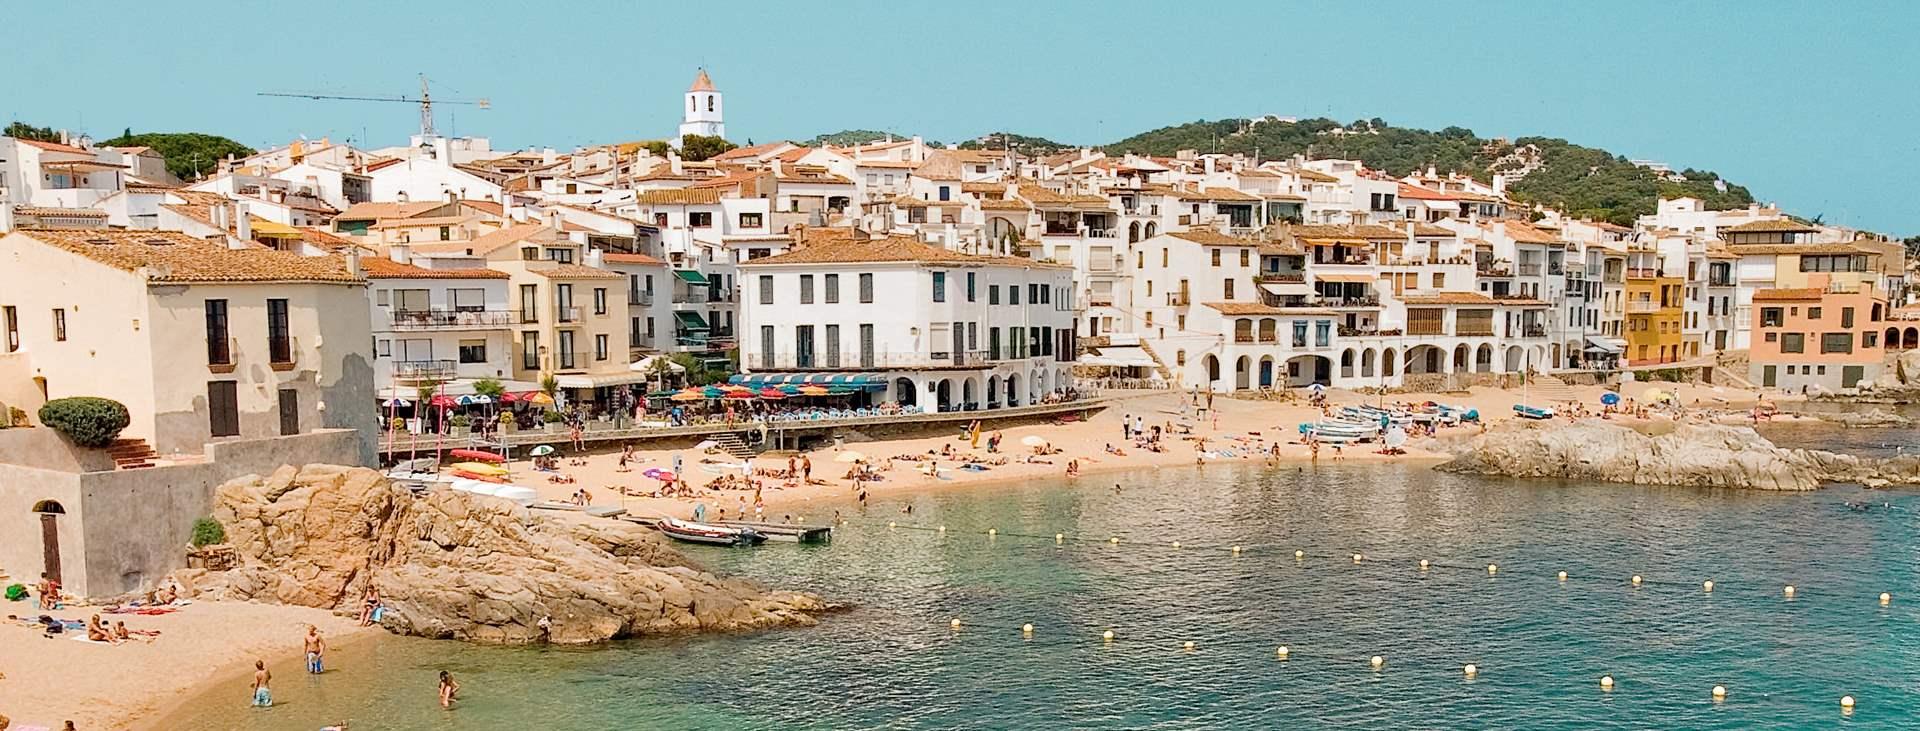 Reiser til Costa Brava i Spania